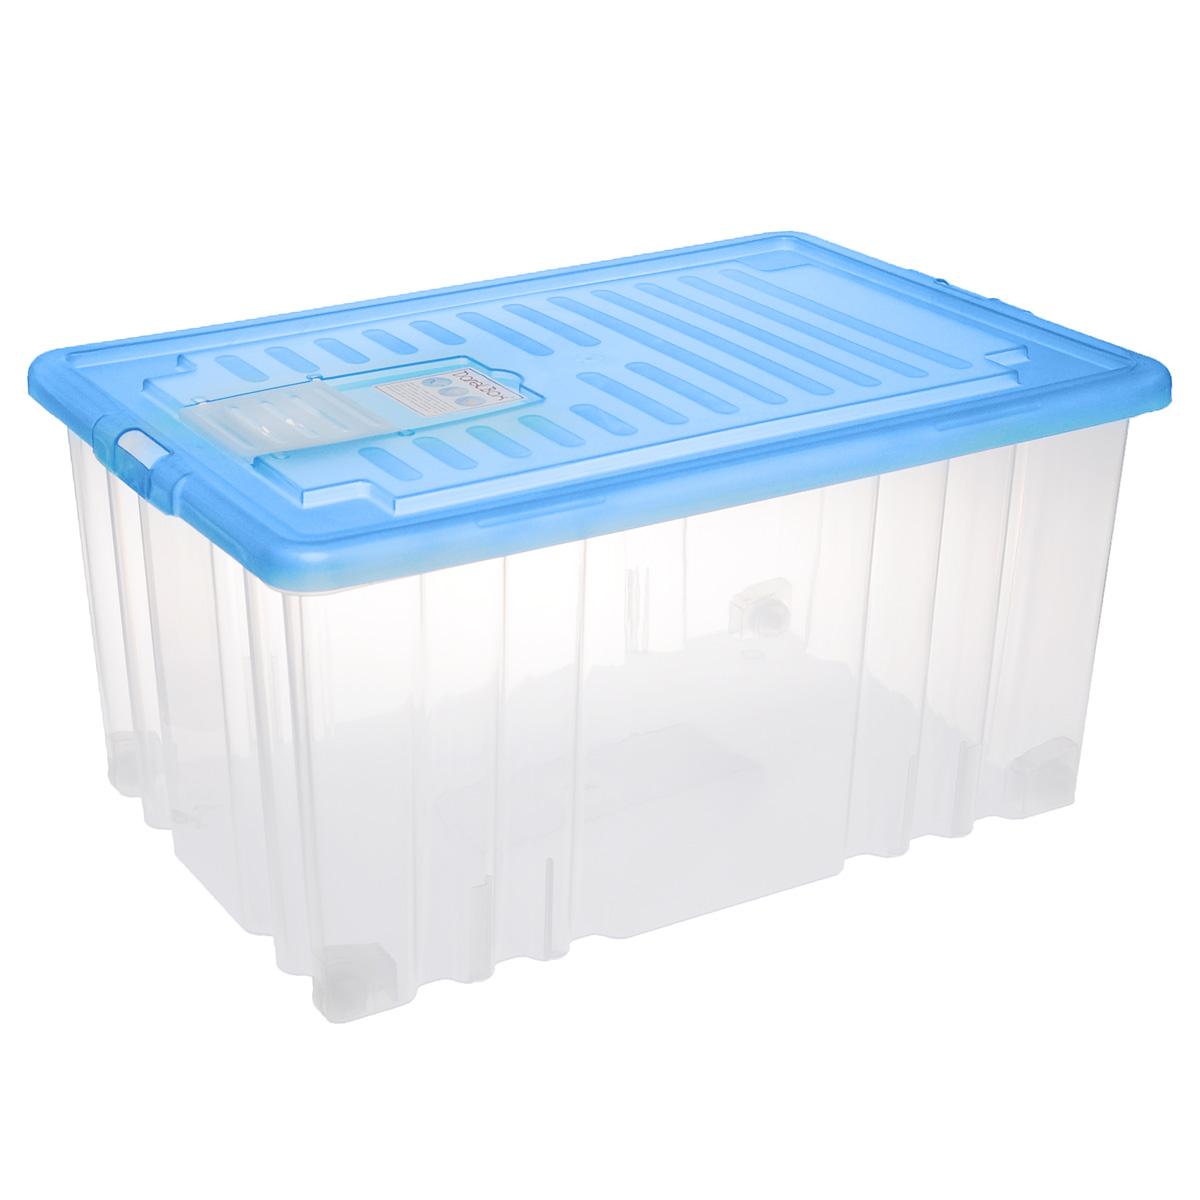 Ящик Darel Box, с крышкой, цвет: синий, прозрачный, 56 лЯФ0156Ящик Darel Box, изготовленный из прозрачного пластика, оснащен плотно закрывающейся крышкой и специальным клапаном для антимолиевых и дезодорирующих веществ. Изделие предназначено для хранения различных бытовых вещей. Идеально подойдет для хранения белья, продуктов, игрушек. Будет незаменим на даче, в гараже или кладовой. Выдерживает температурные перепады от -25°С до +95°С. Изделие имеет четыре маленьких колесика, обеспечивающих удобство перемещения ящика. Колеса бокса могут принимать два положения: утопленное - для хранения, и рабочее - для перемещения.Размер ящика: 65 см х 41,5 см х 31 см.